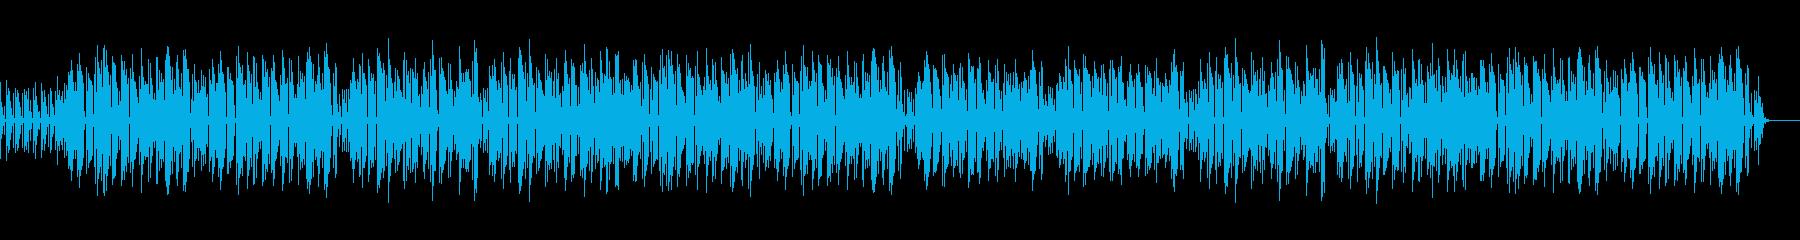 哀愁漂うジャズ・ボサノバの再生済みの波形